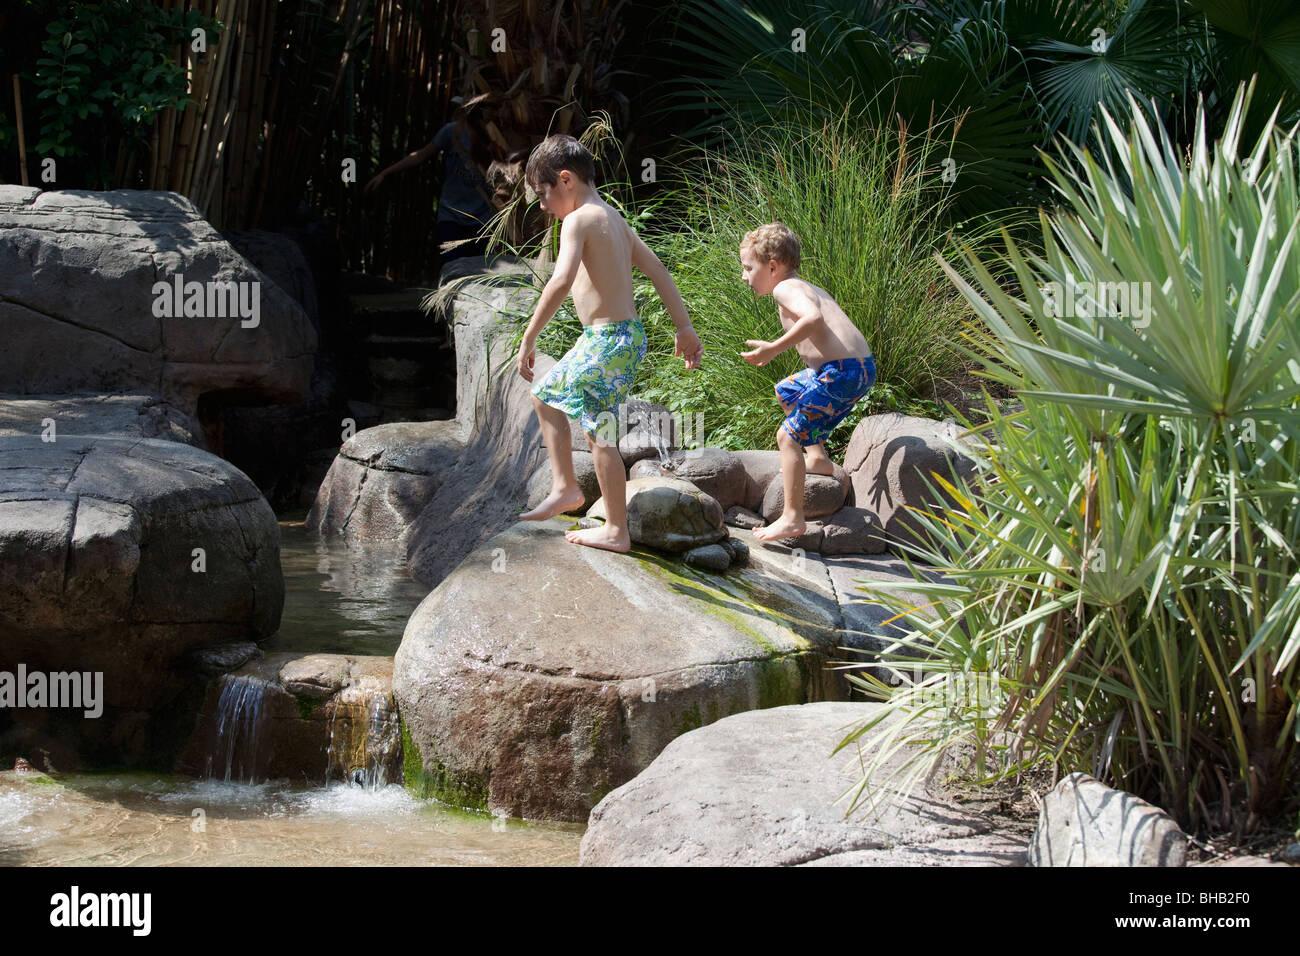 Audubon Zoo Photos & Audubon Zoo Images - Alamy